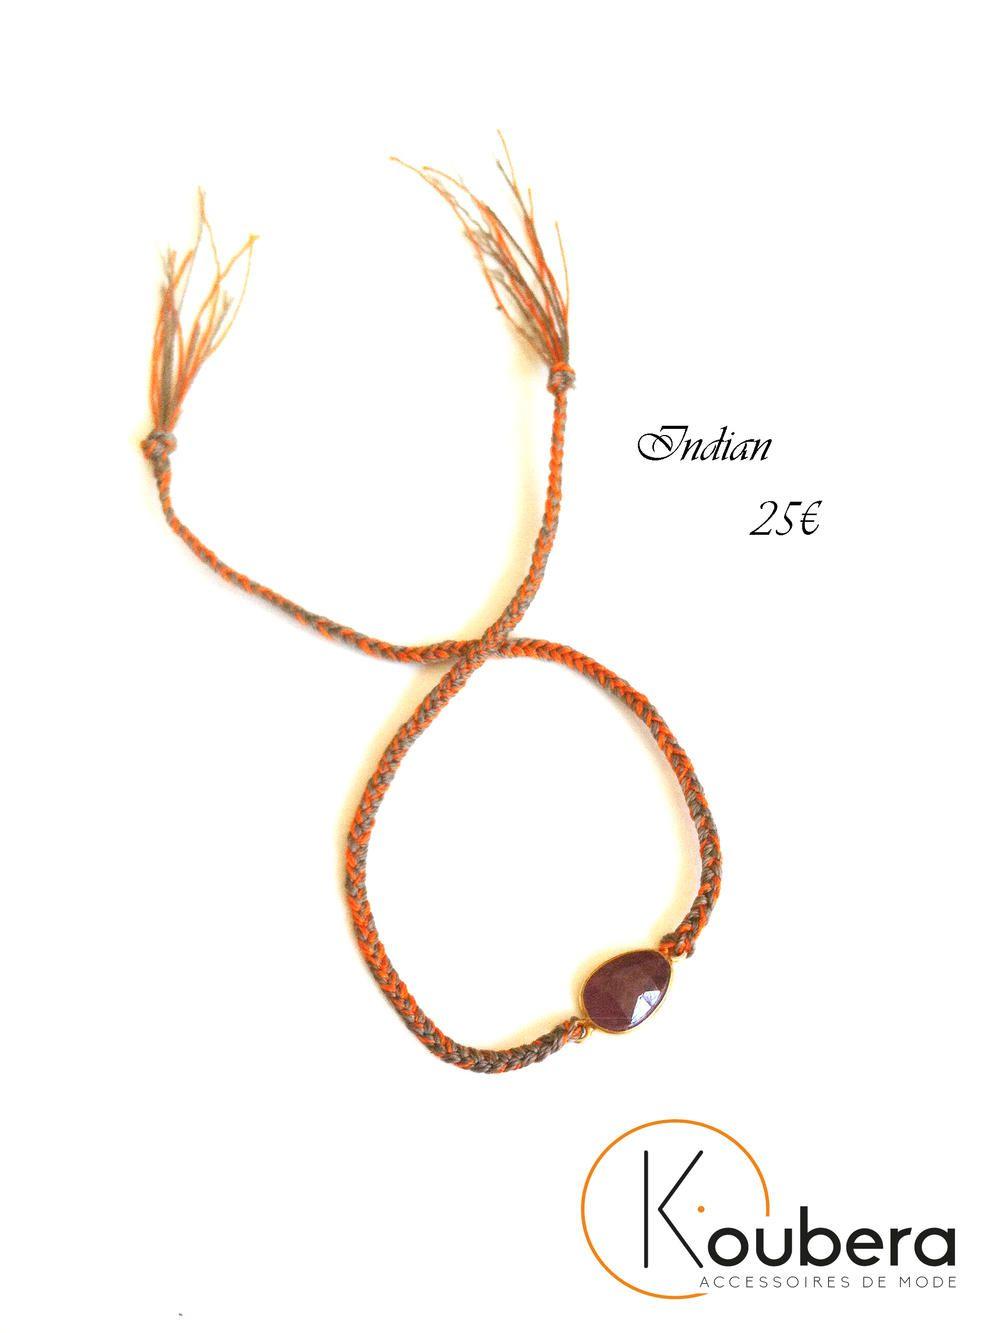 #Indian #bracelet #pierre naturelle #collection #koubera #accessoires #mode